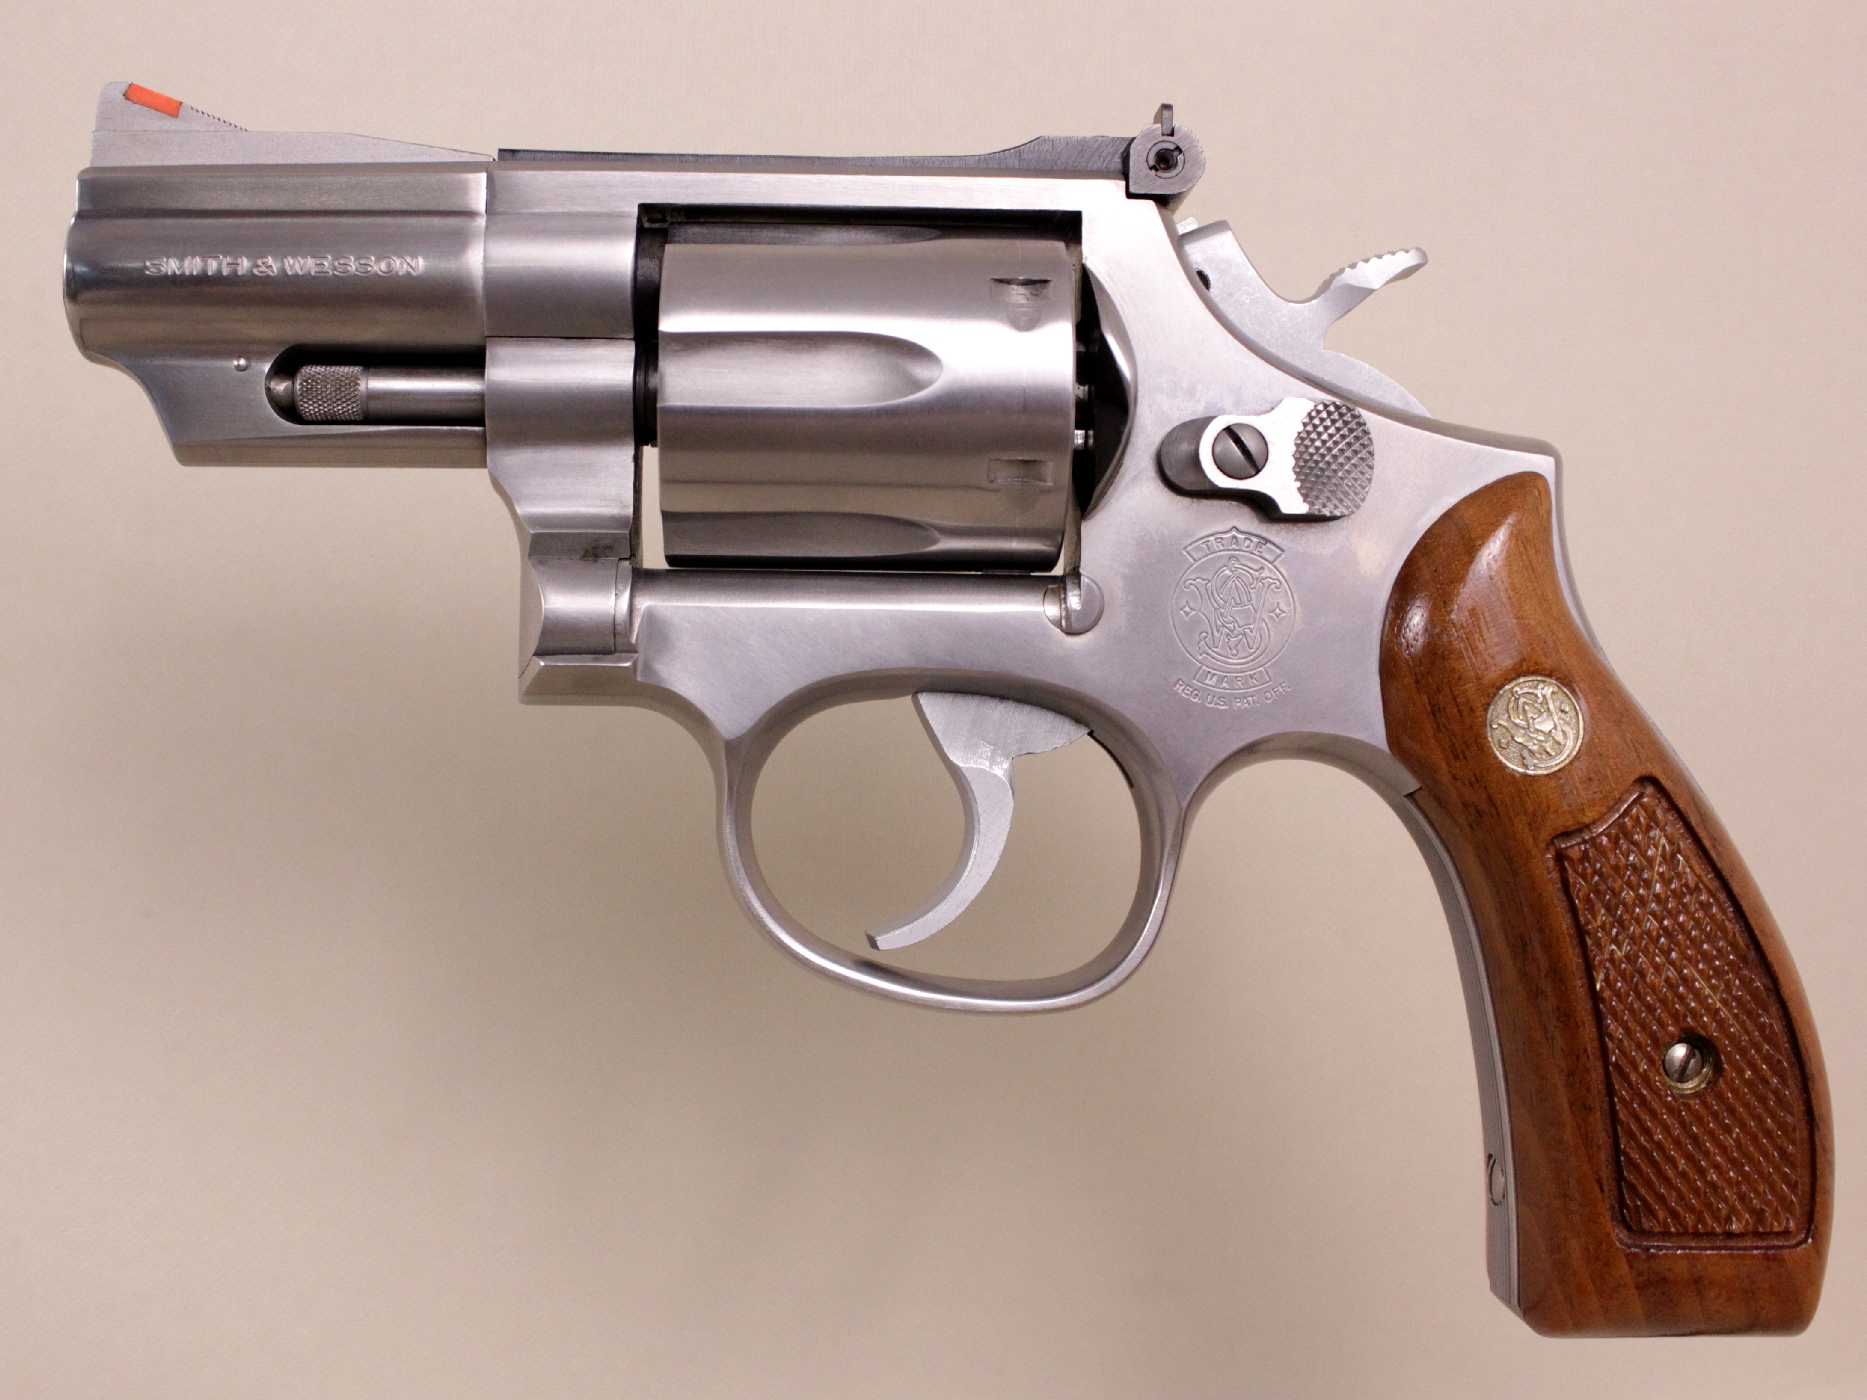 Revolver Smith & Wesson modèle 66-3 à canon de 2 pouces ½ muni de ses plaquettes en bois d'origine.